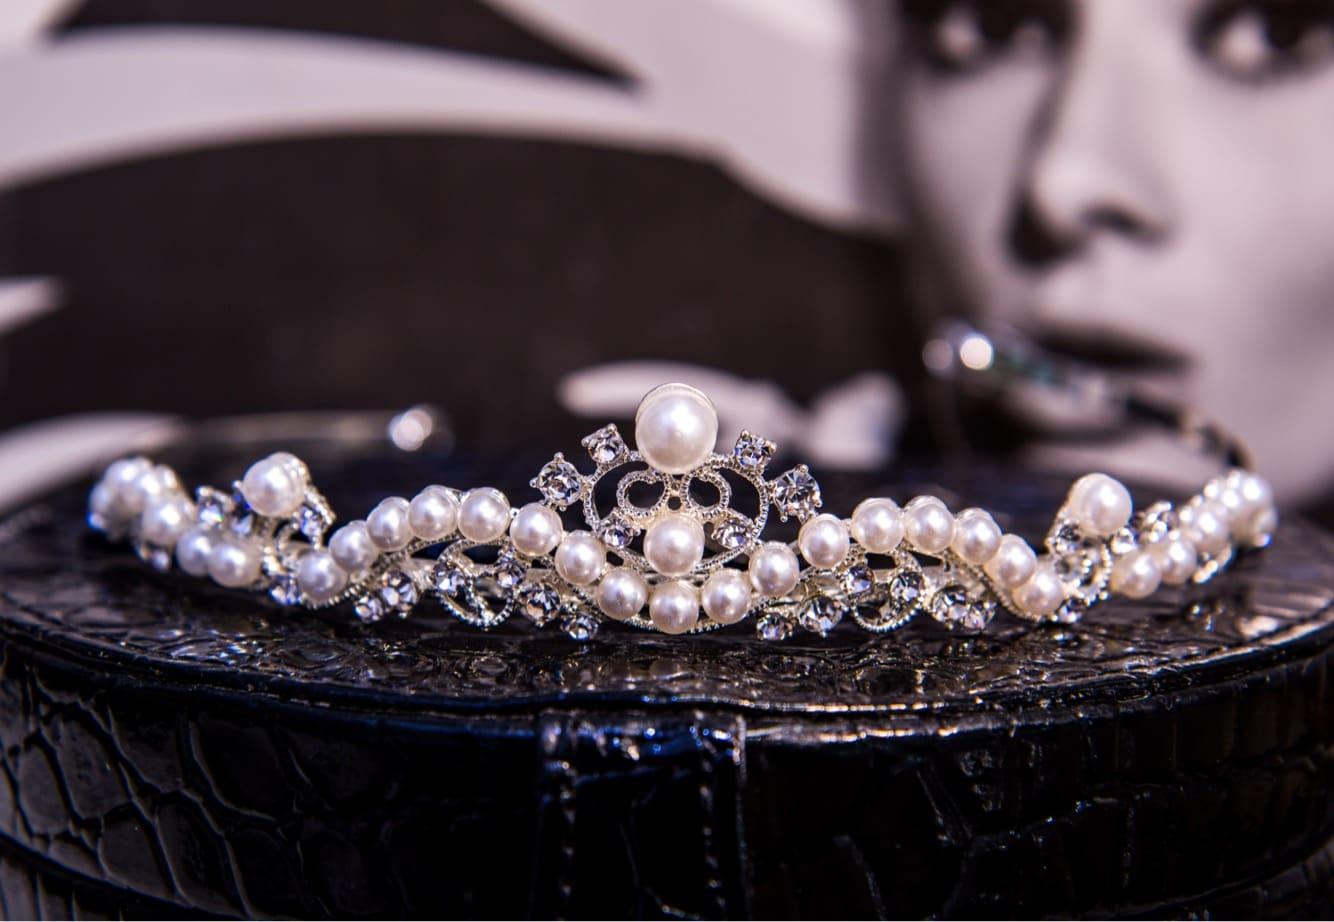 Жемчужная свадебная диадема из серебристого металла, полная романтичного настроения.